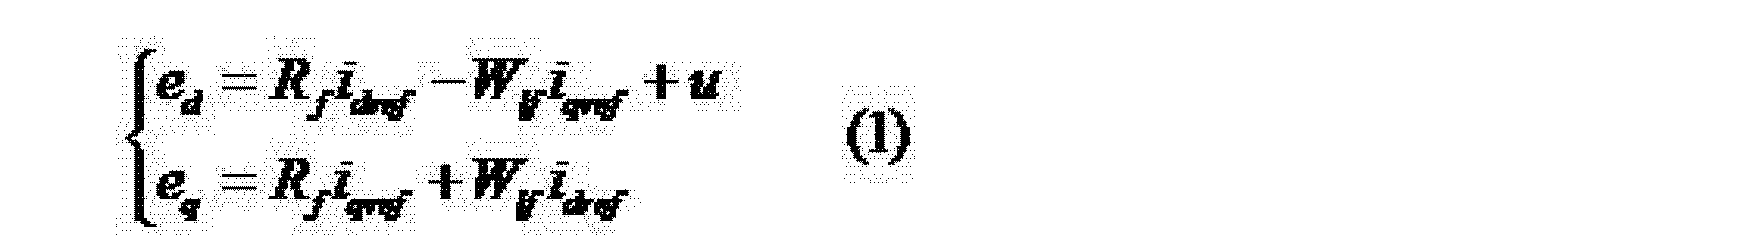 Figure CN101924371BD00161